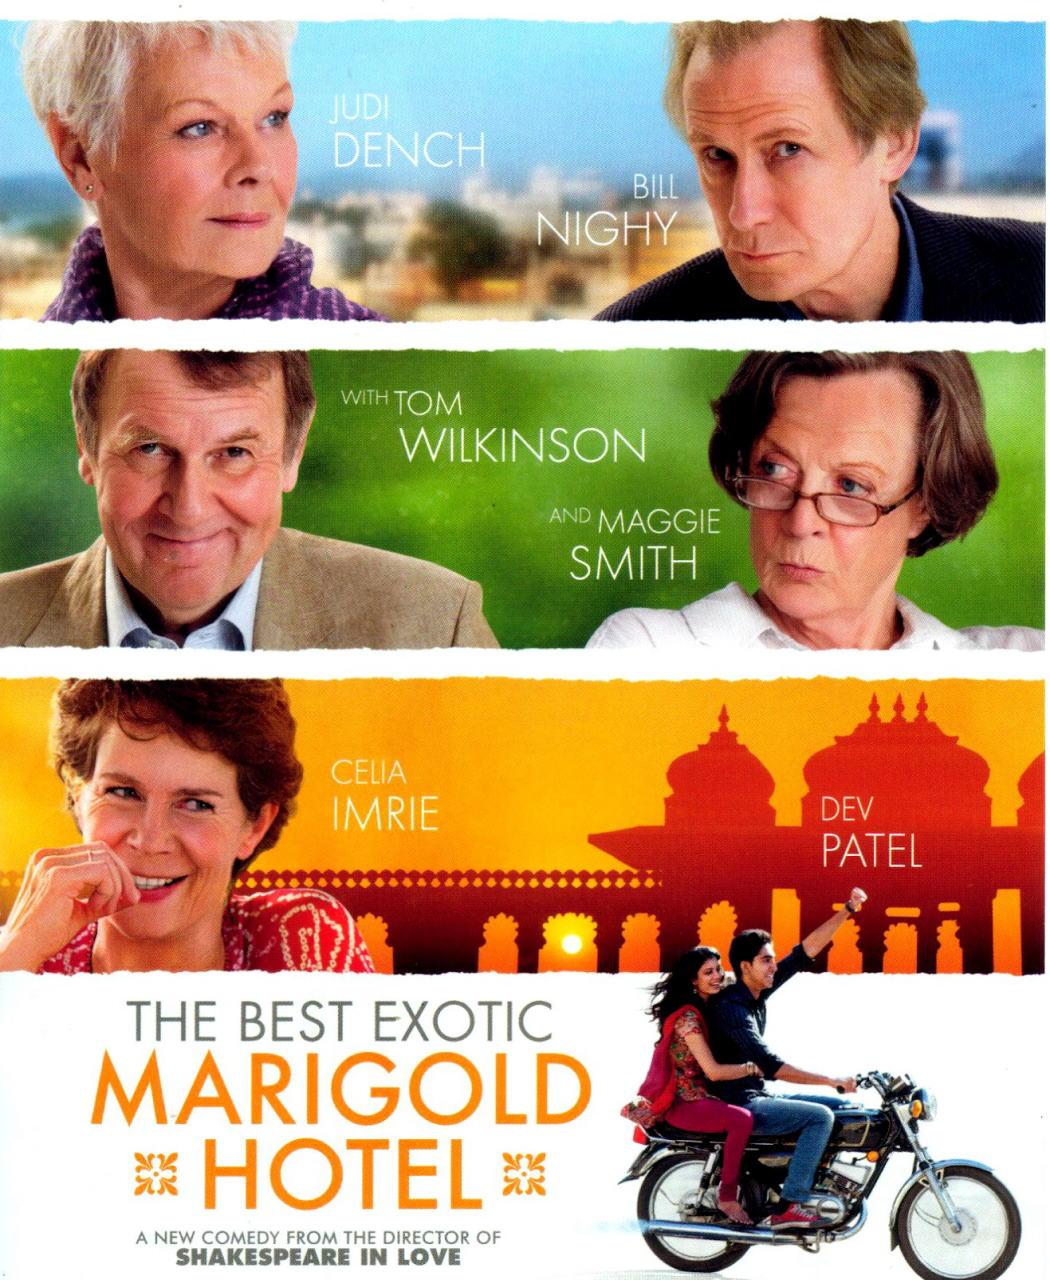 映画『マリーゴールド・ホテルで会いましょう THE BEST EXOTIC MARIGOLD HOTEL』ポスター(1)▼ポスター画像クリックで拡大します。